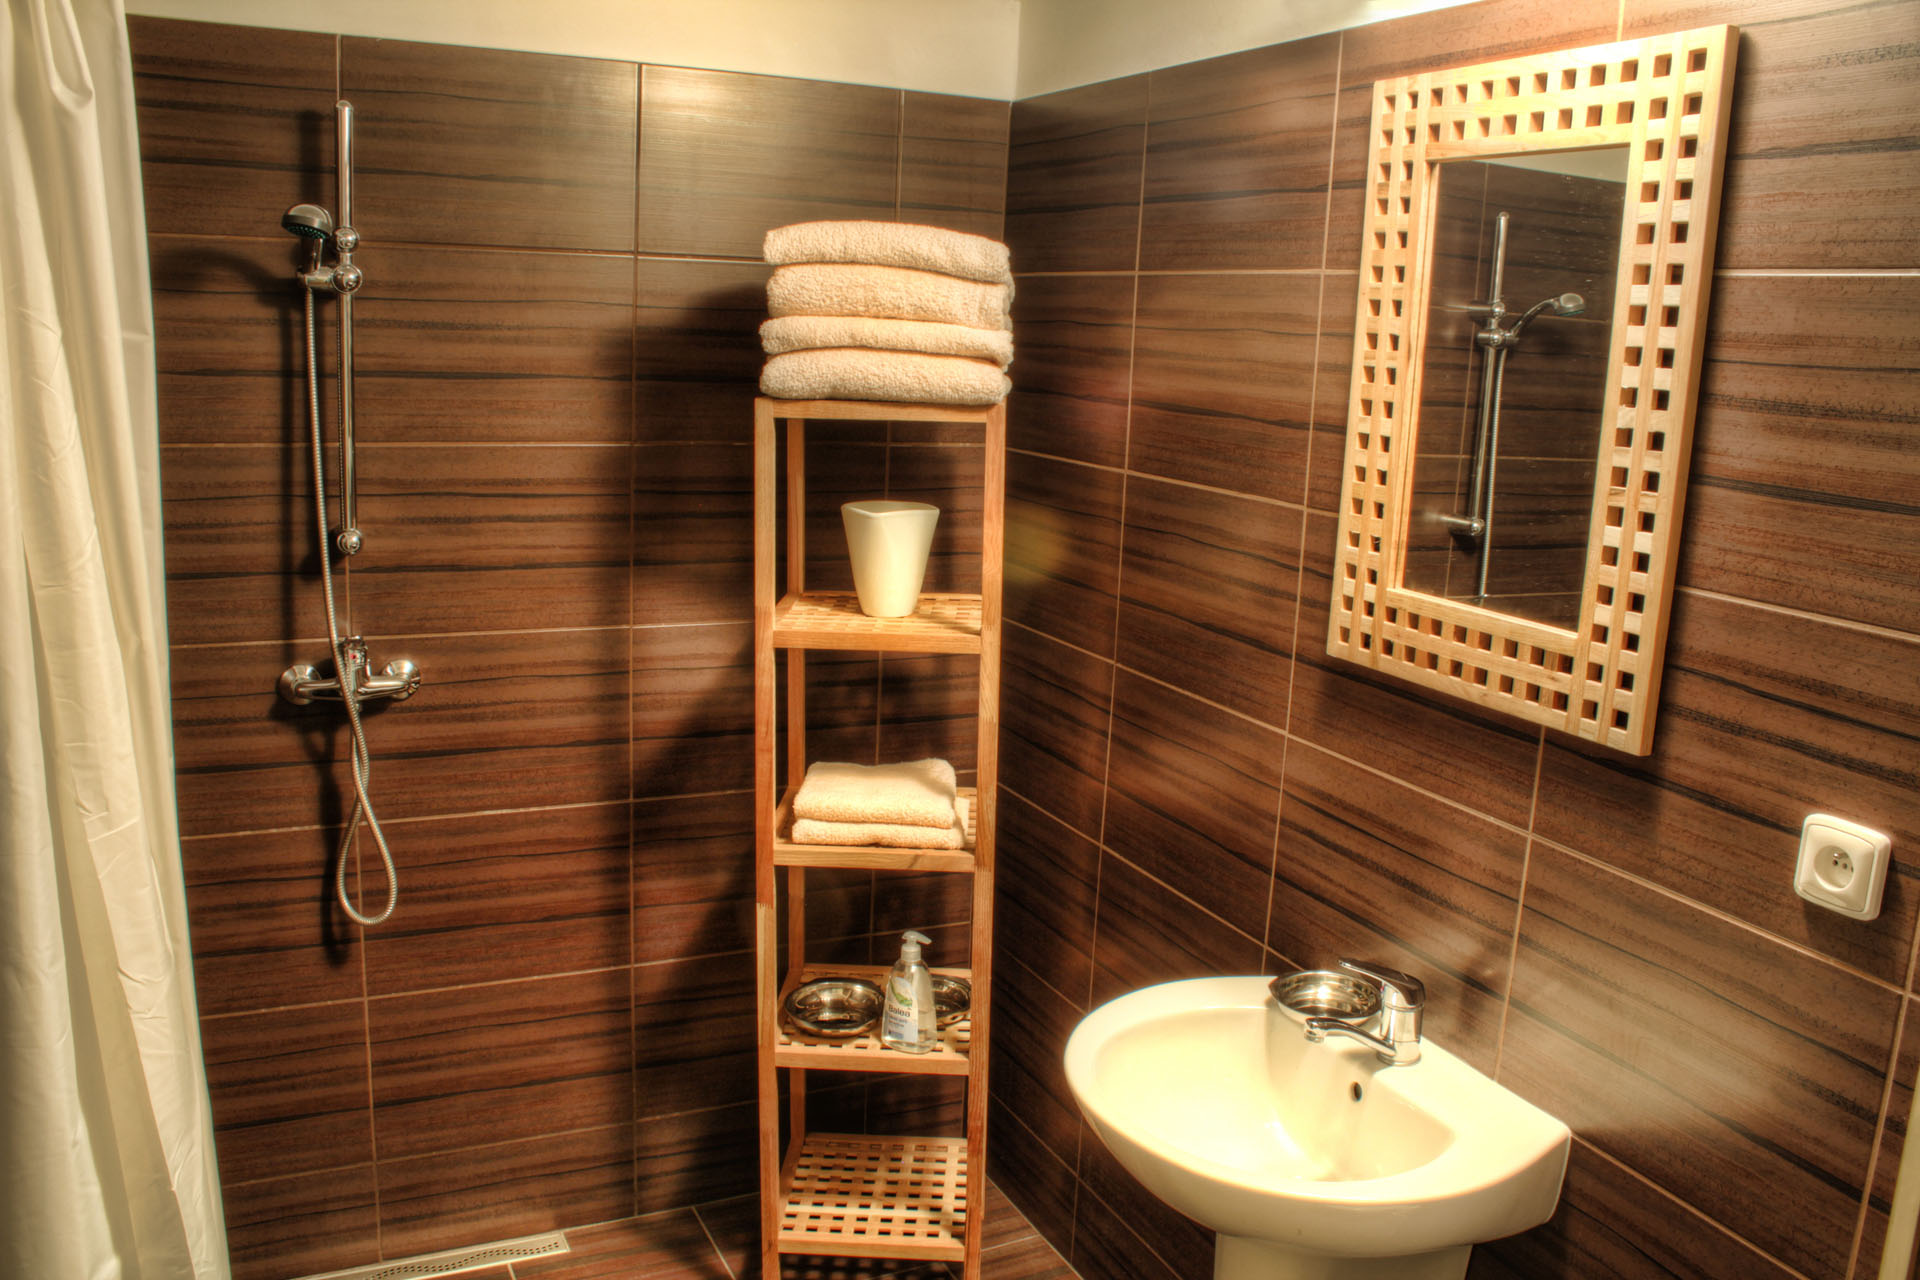 Umyvadlo, sprcha a designový nábytek z teakového dřeva s typickým dekorem obkladů penzionu Komtesa